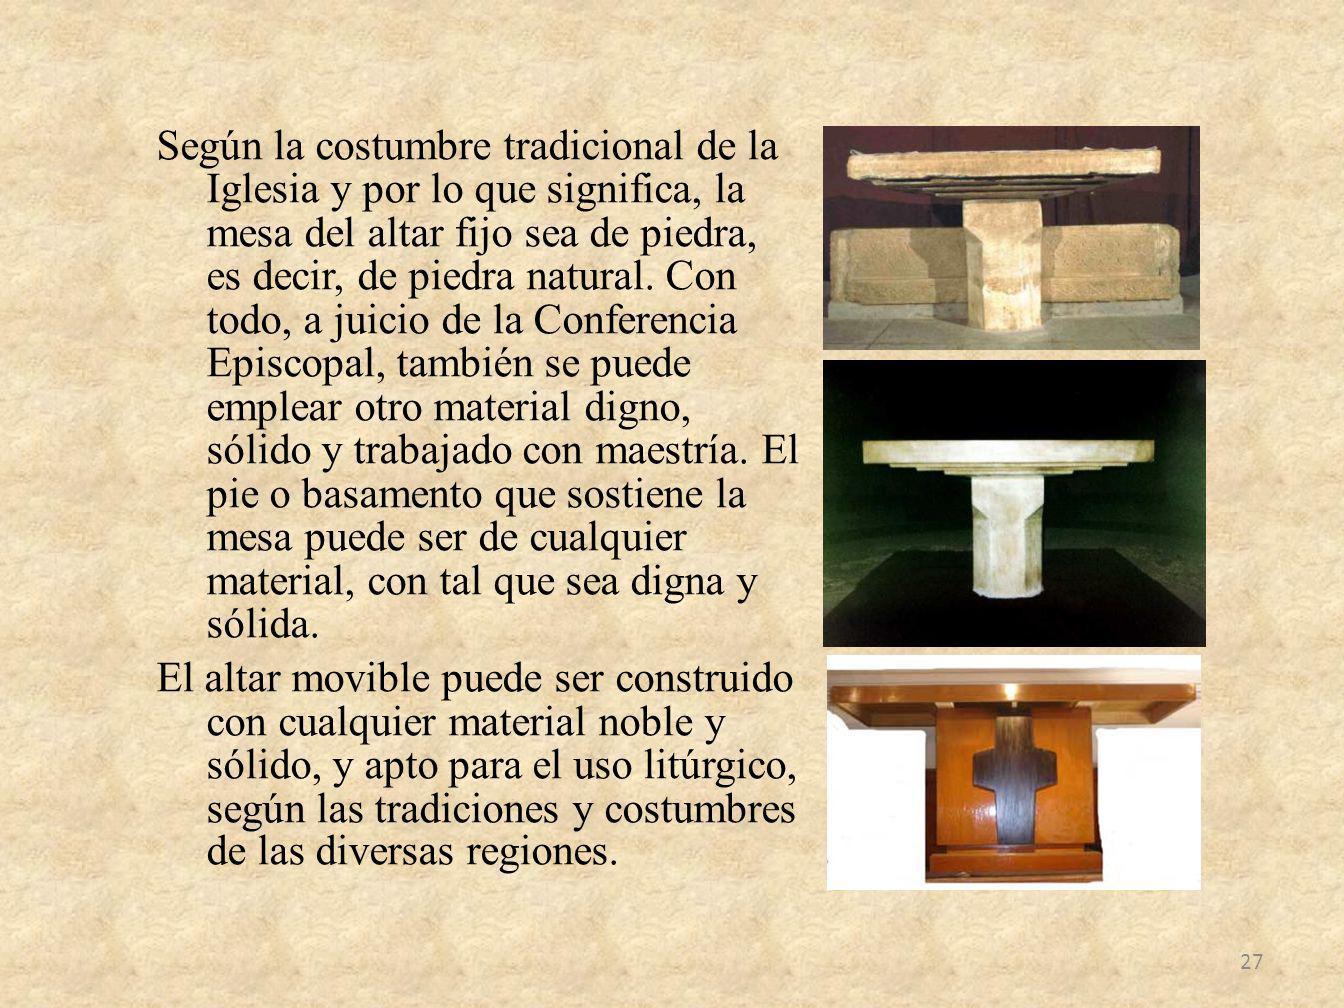 Según la costumbre tradicional de la Iglesia y por lo que significa, la mesa del altar fijo sea de piedra, es decir, de piedra natural.